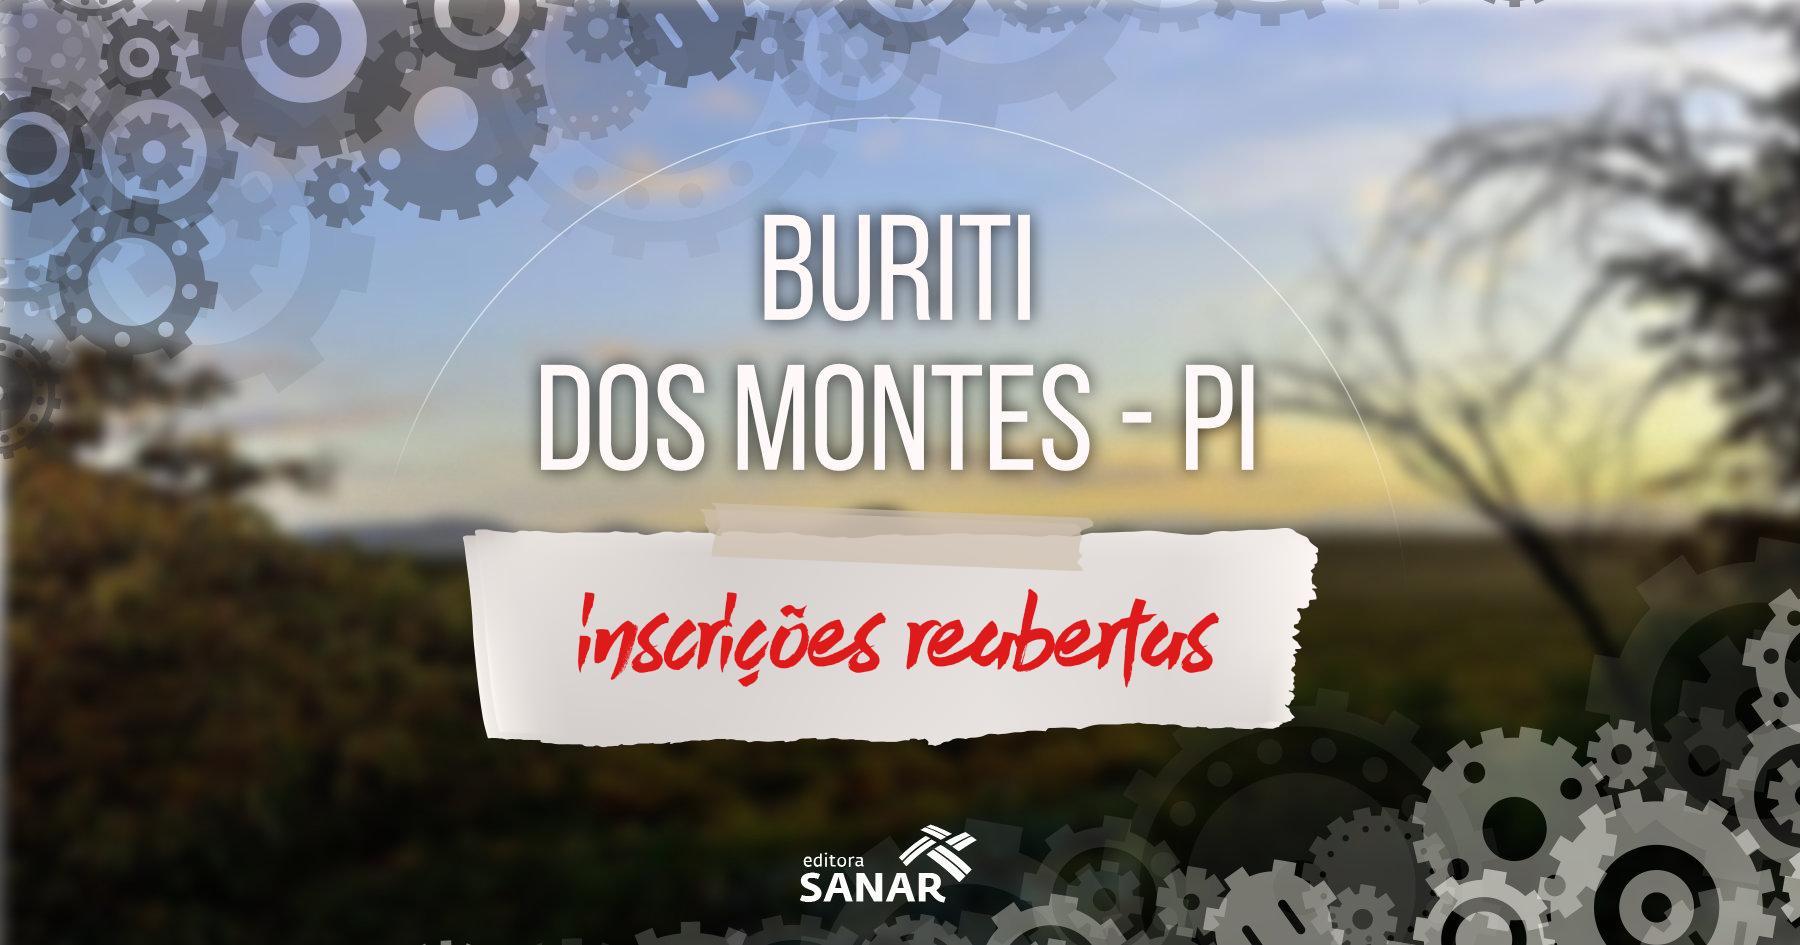 Concurso | 11 vagas em Buriti dos Montes, no Piauí